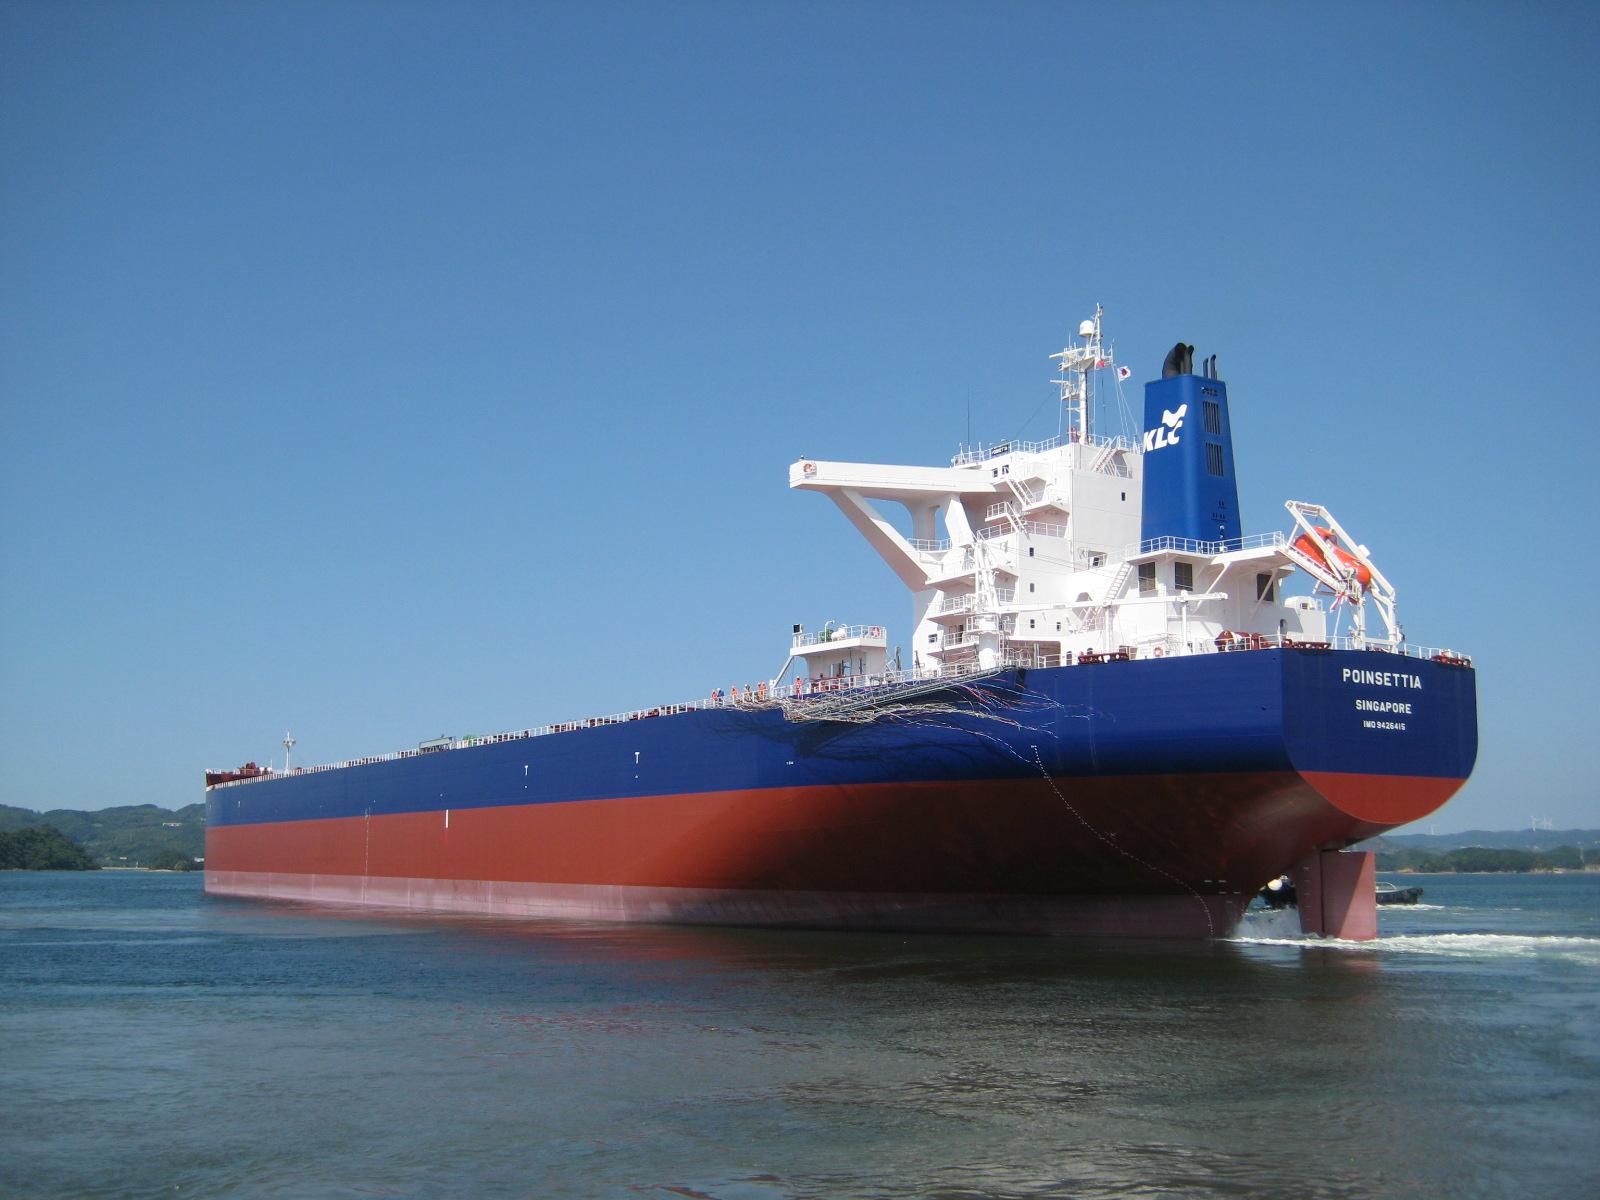 해양수산부 재건이 해운업과 조선업을 살릴까?